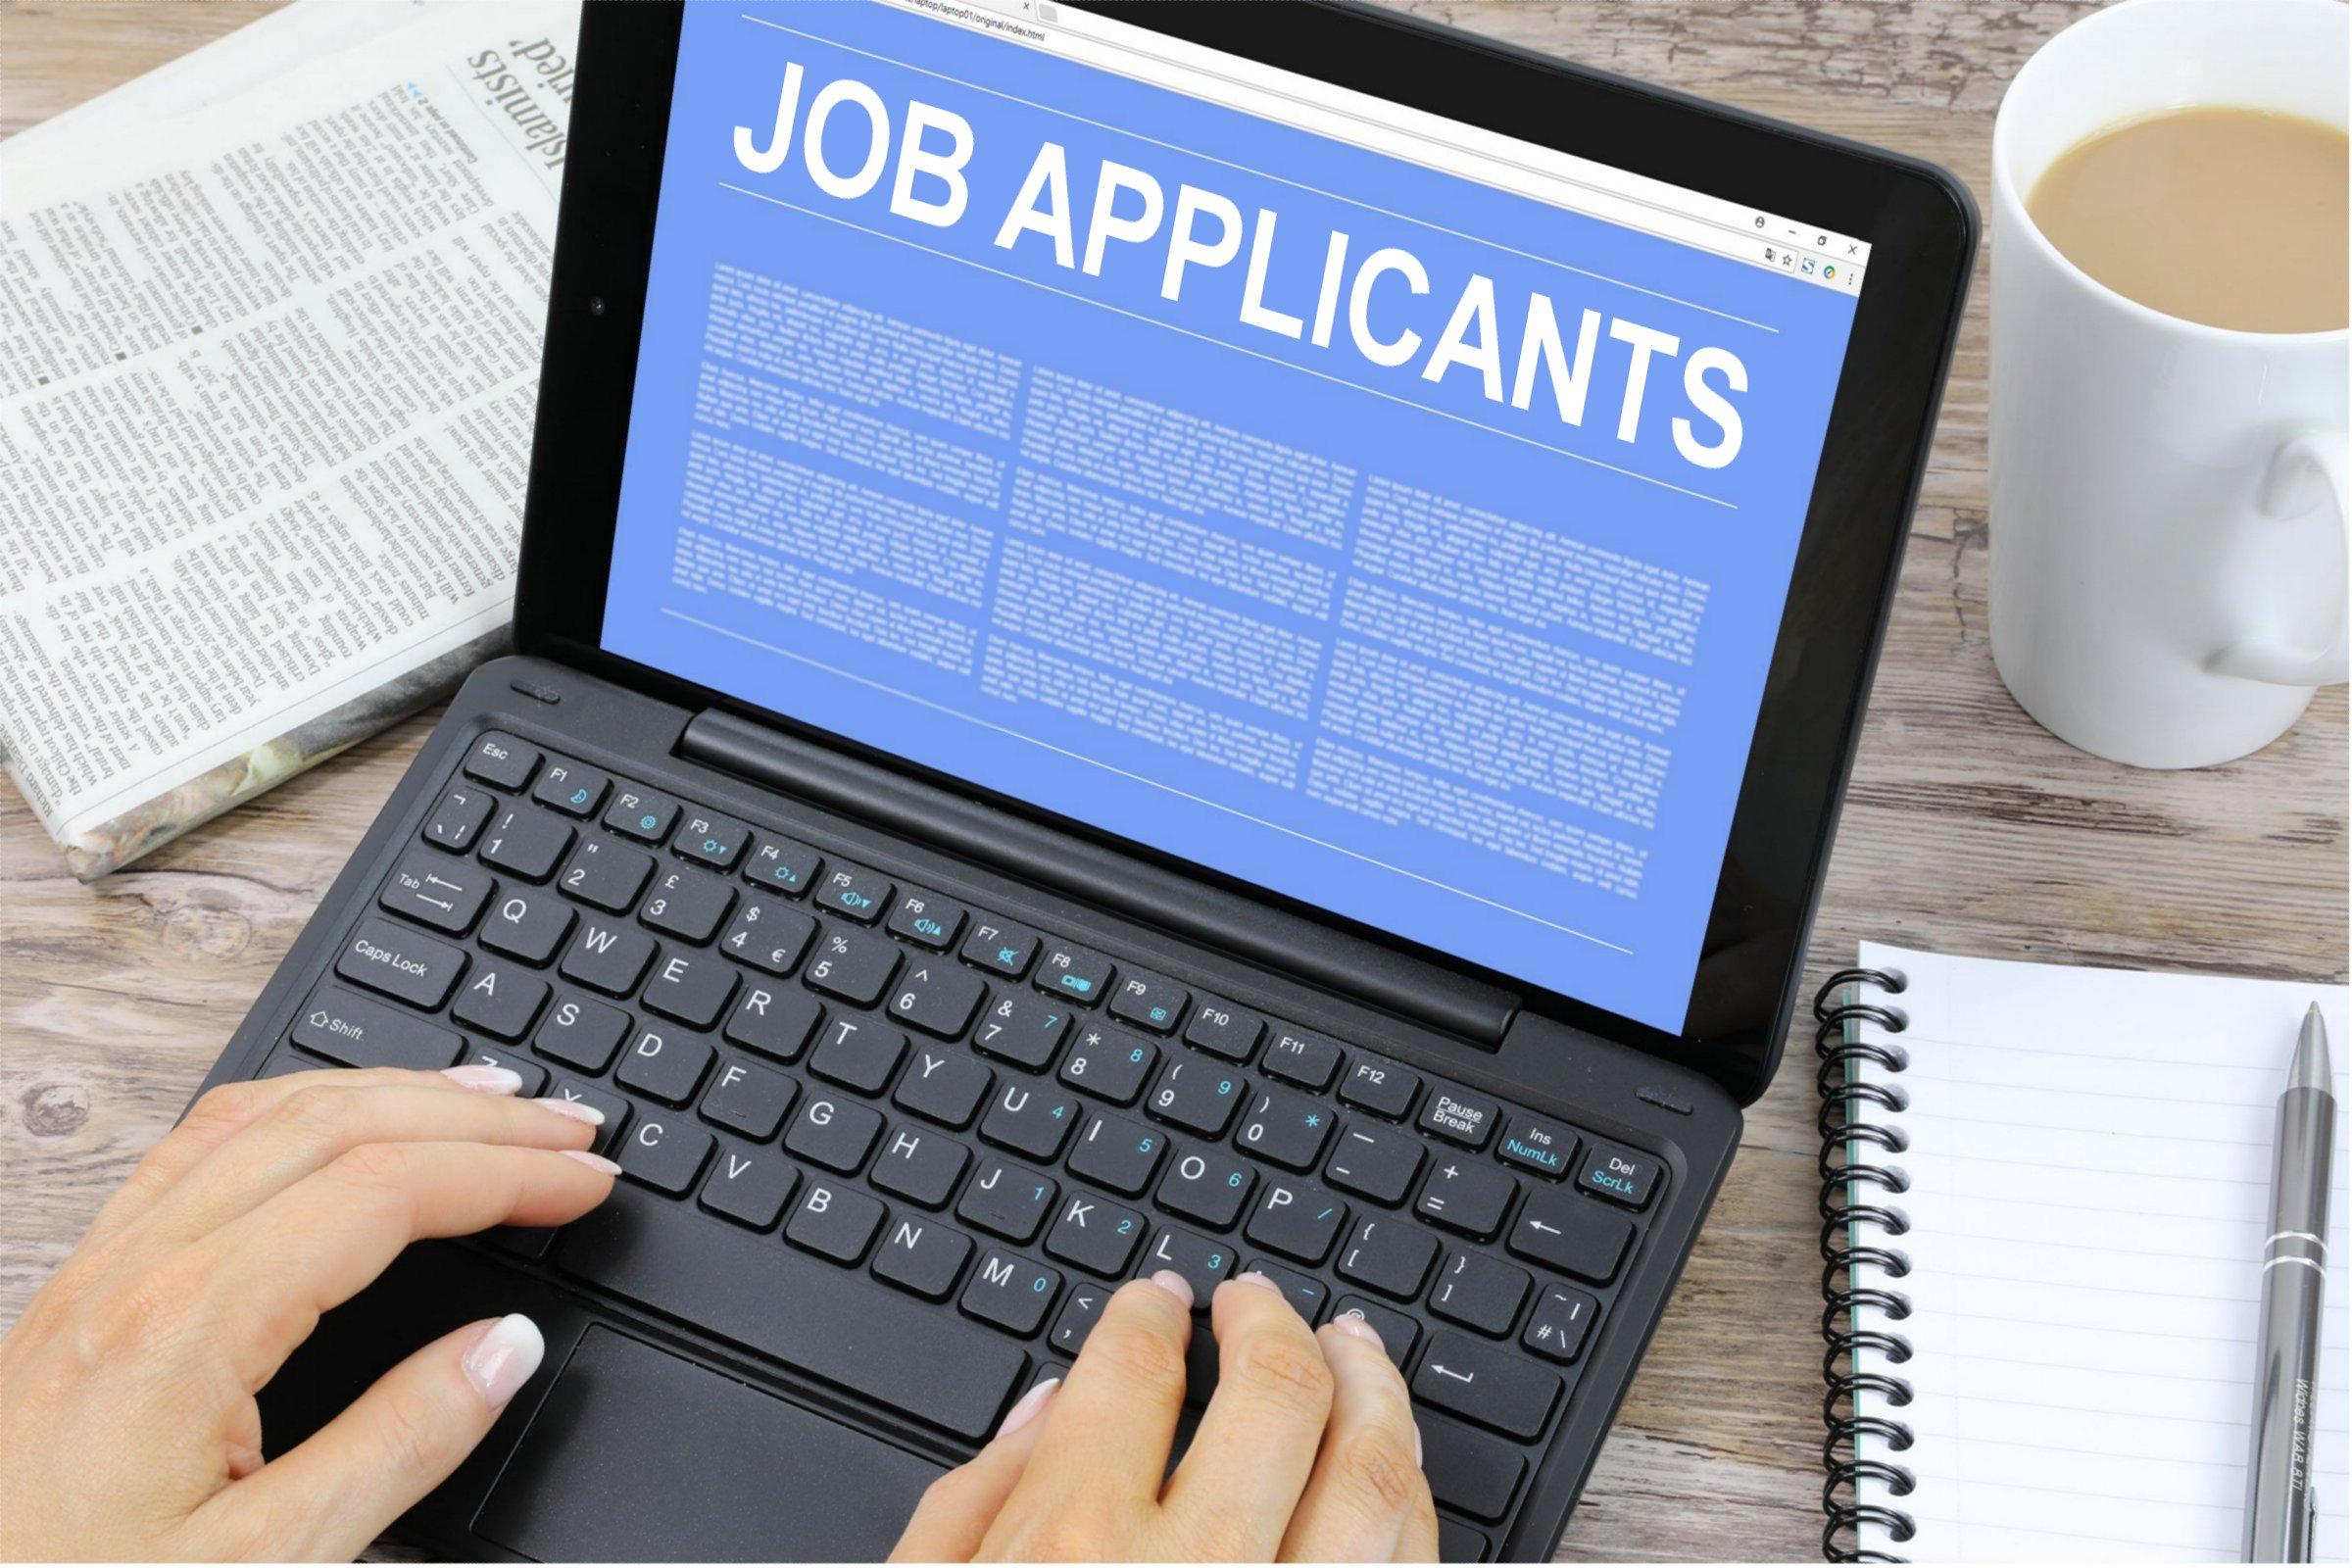 Job Applicants